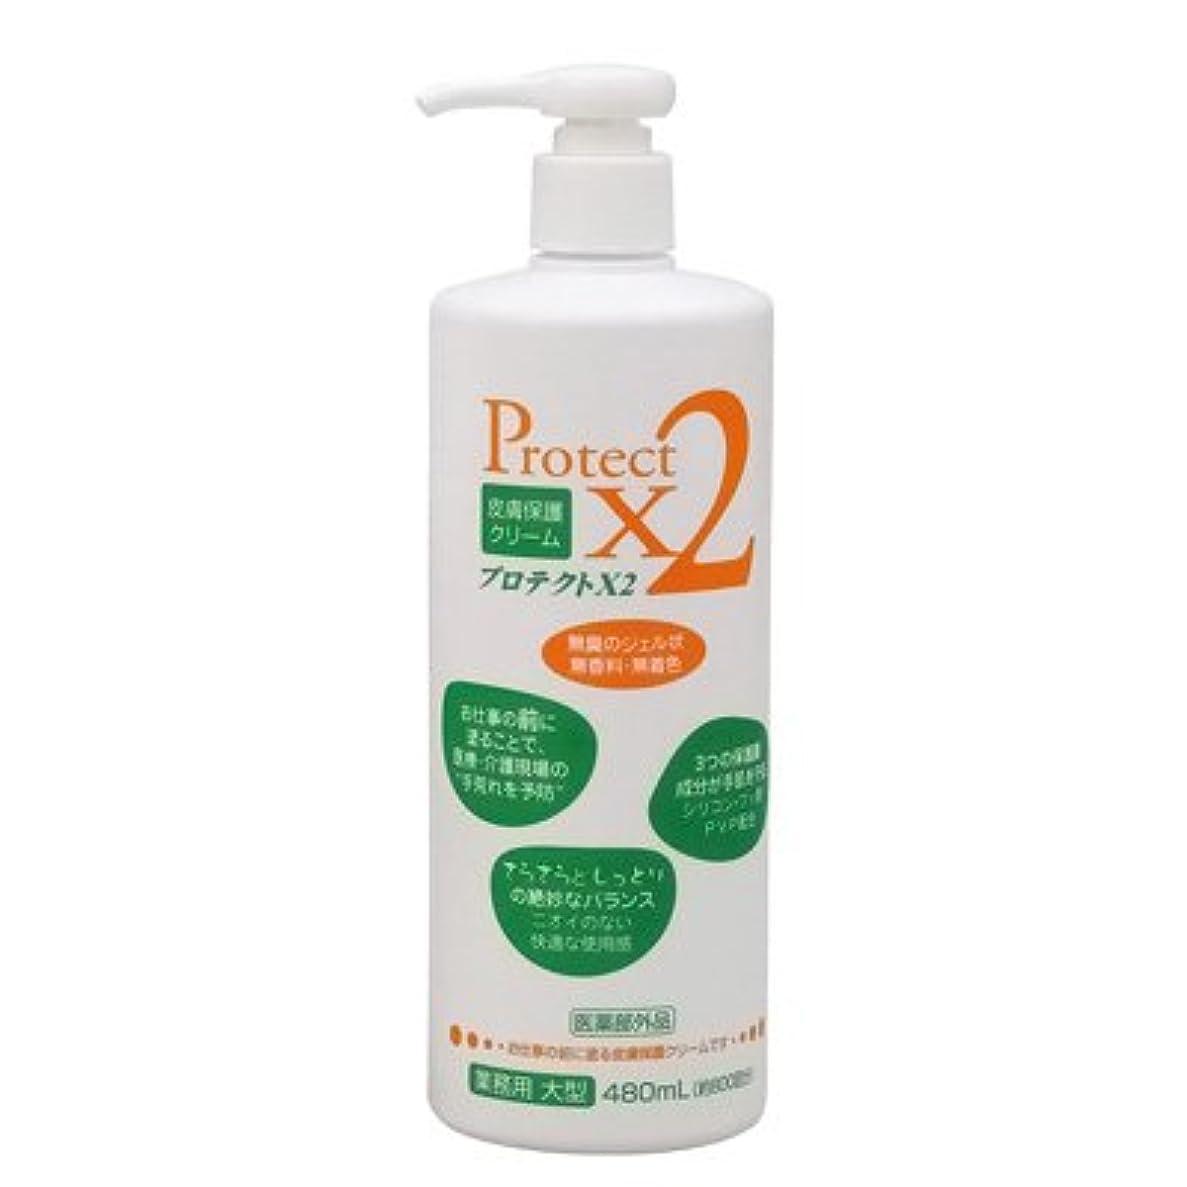 抑圧茎タイト皮膚保護クリーム プロテクトX2 480ml(大型)